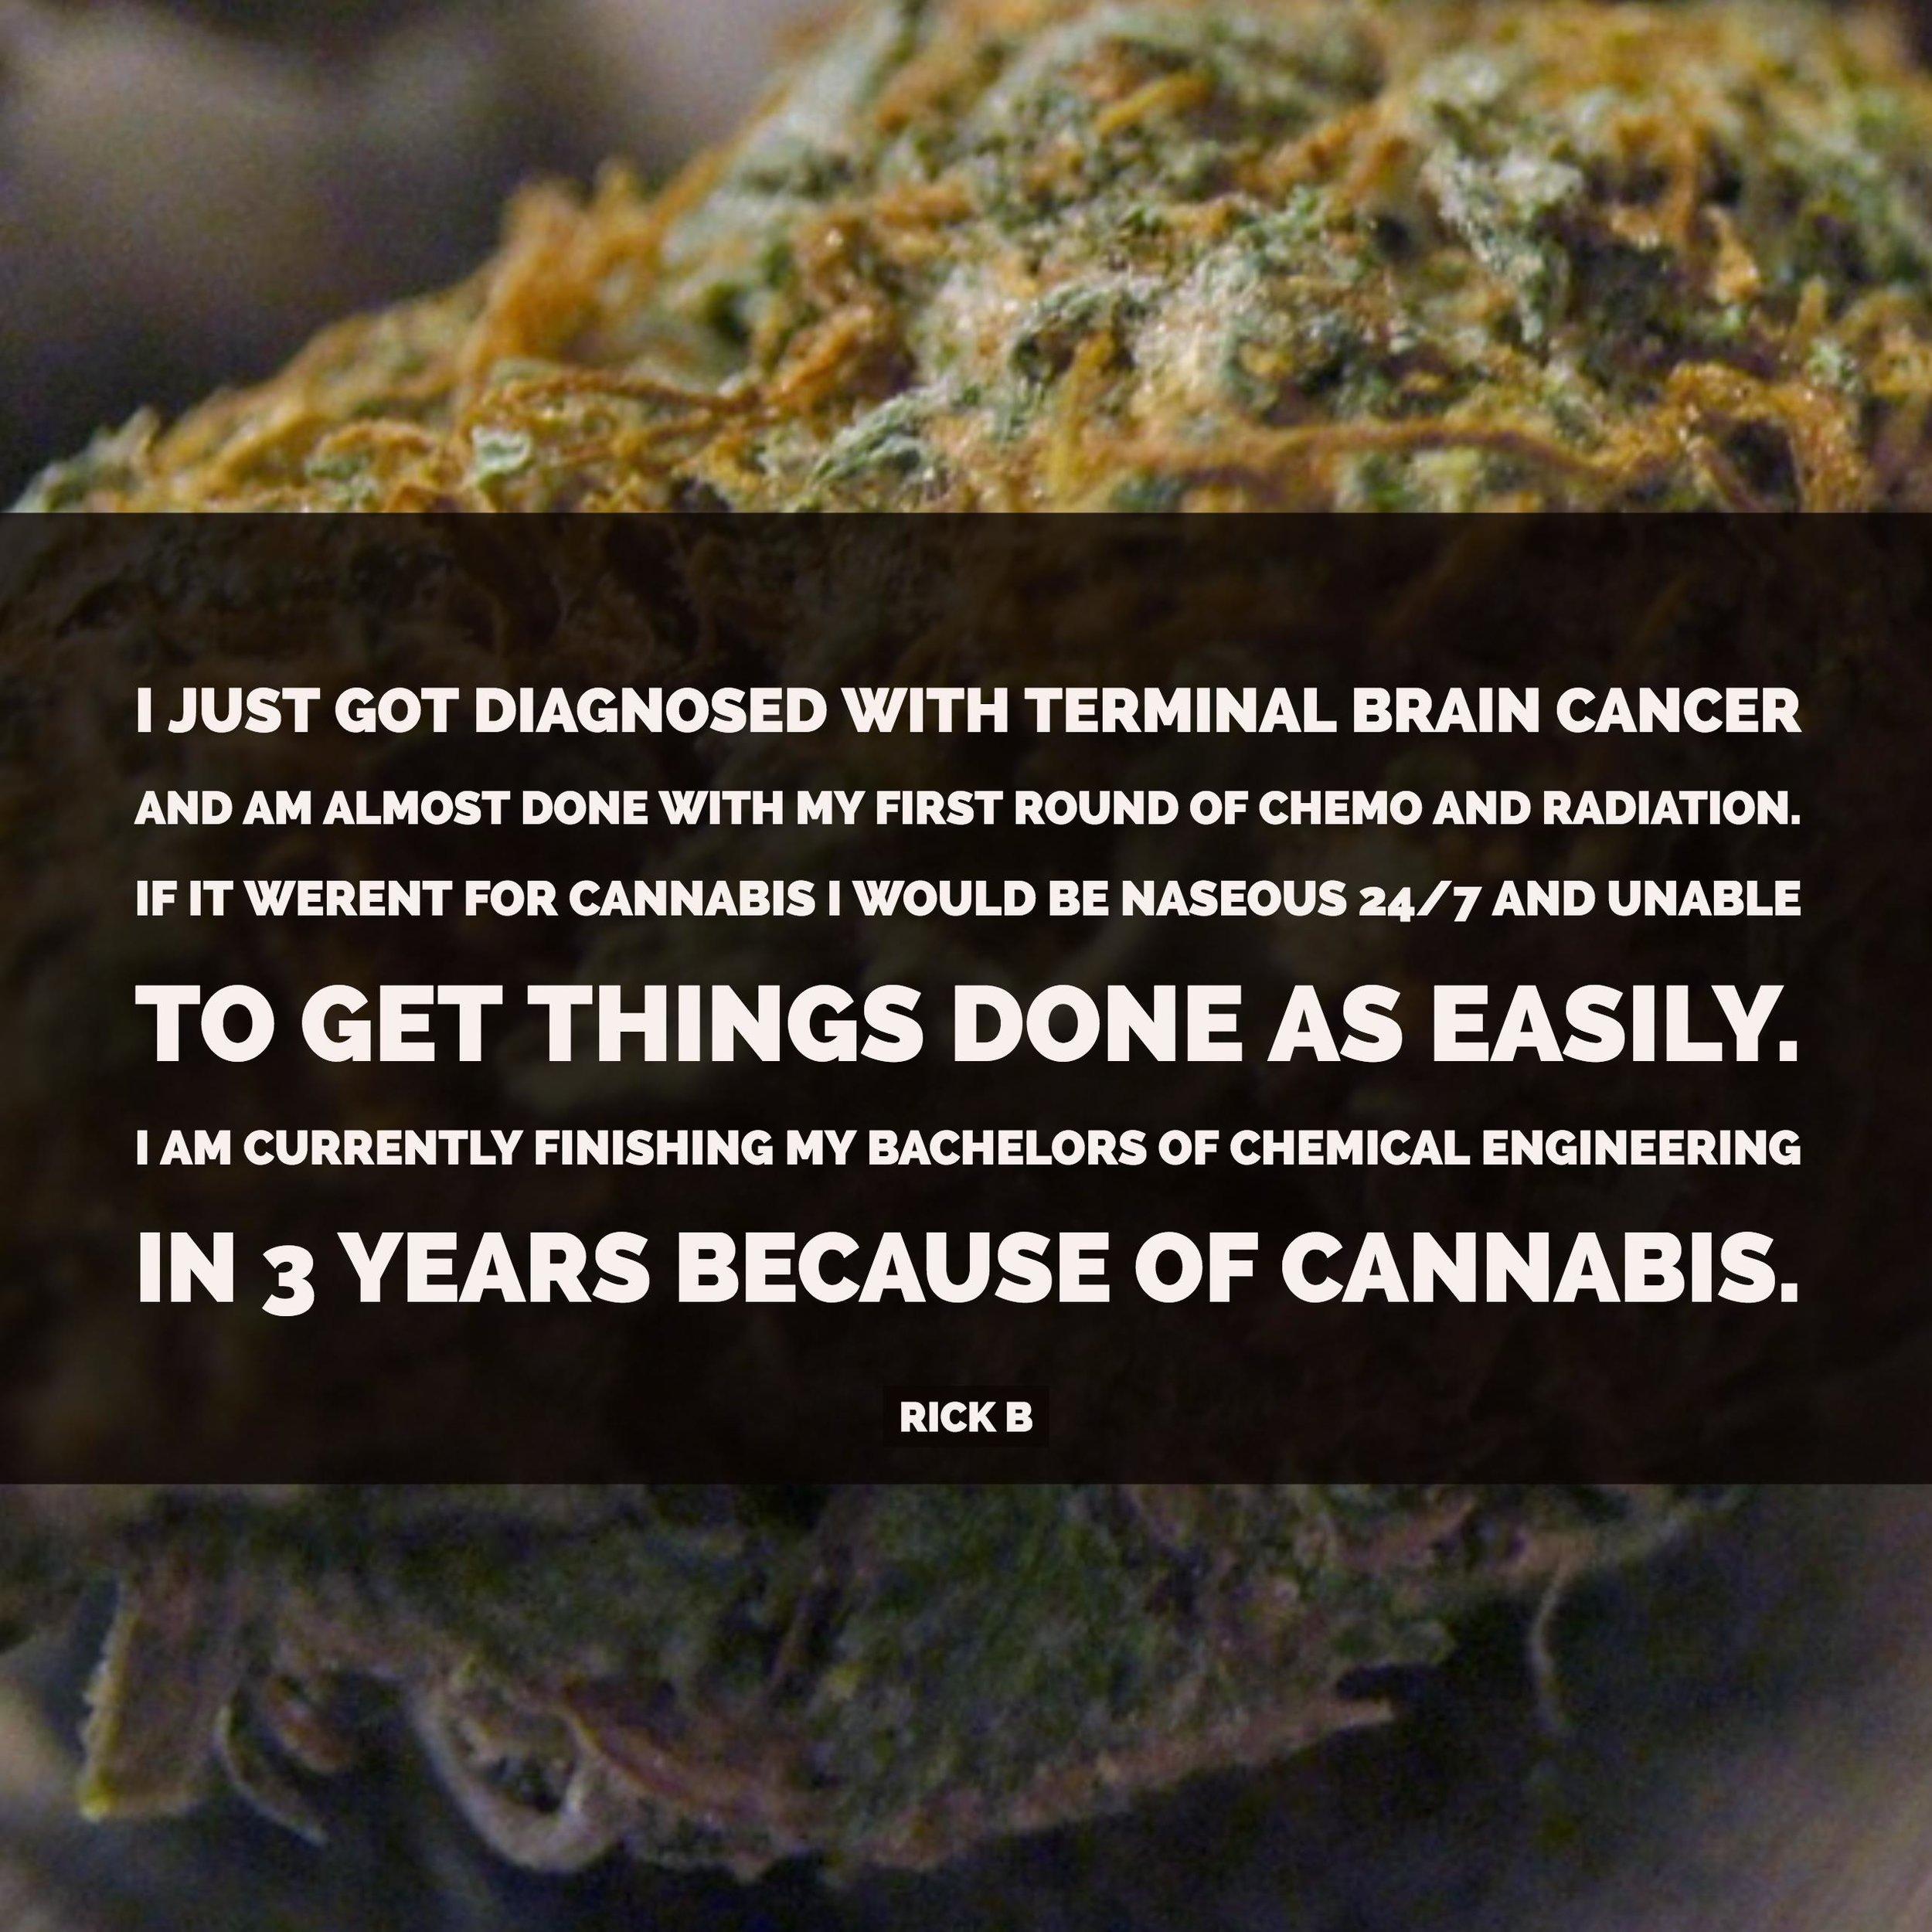 terminal brain cancer and cannabis